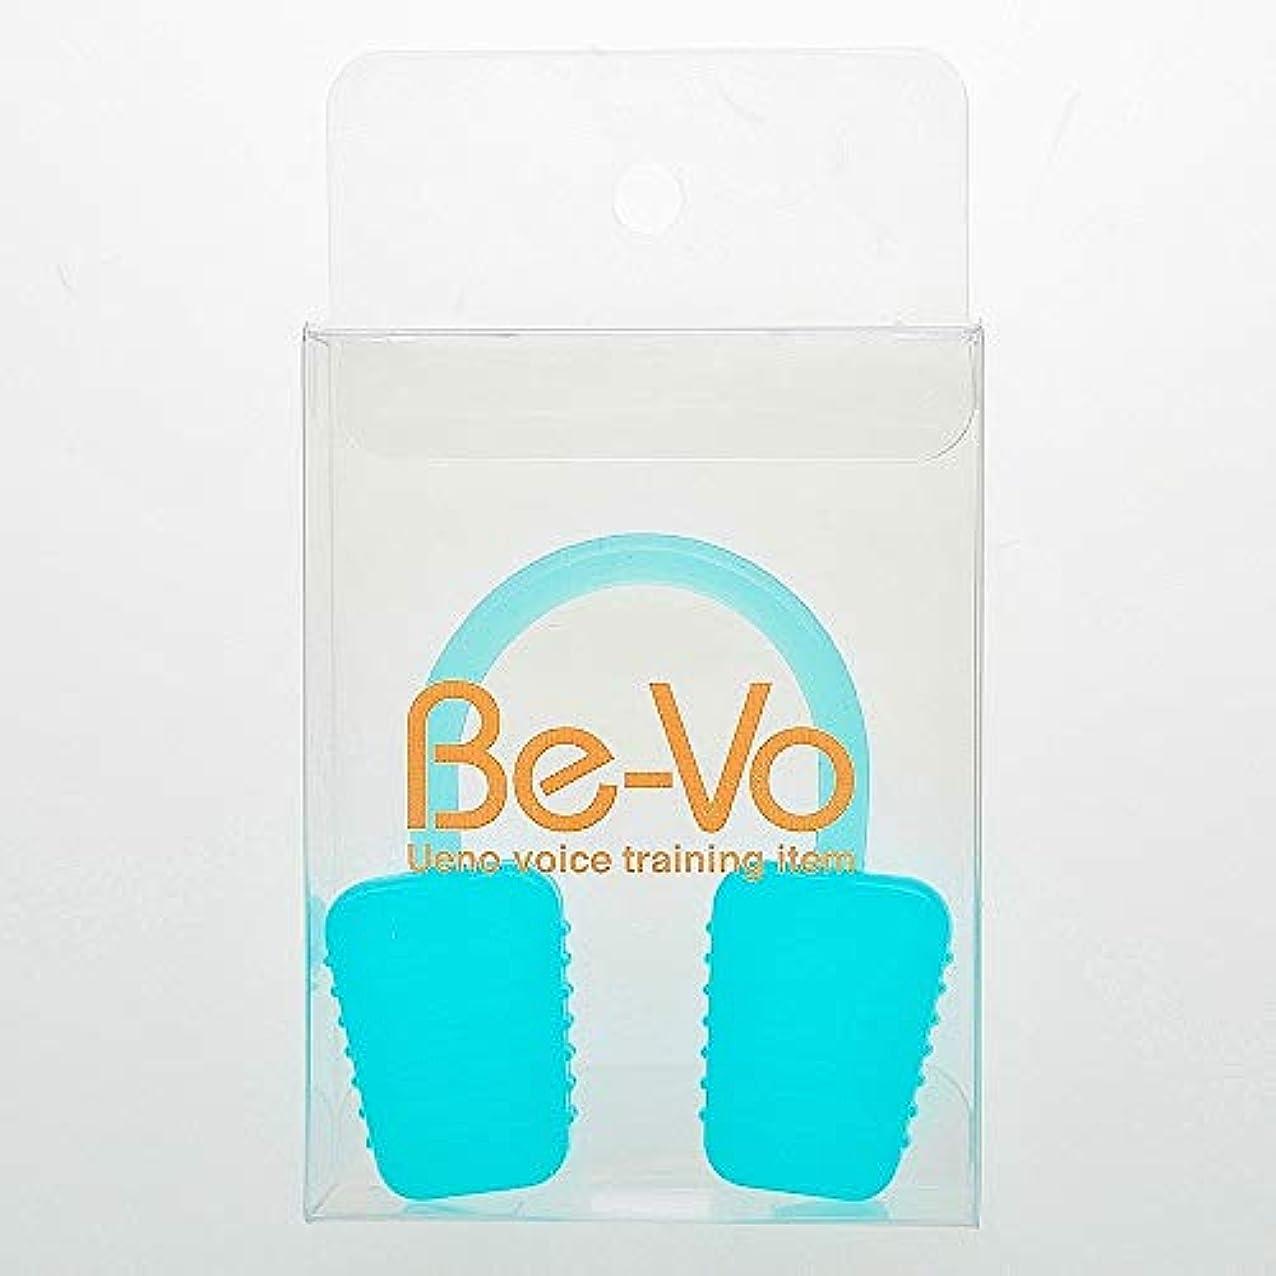 柔らかい足アプライアンスオフェンスBe-Vo (ビーボ) ボイストレーニング器具 自宅で簡単ボイトレグッズ (ブルー)